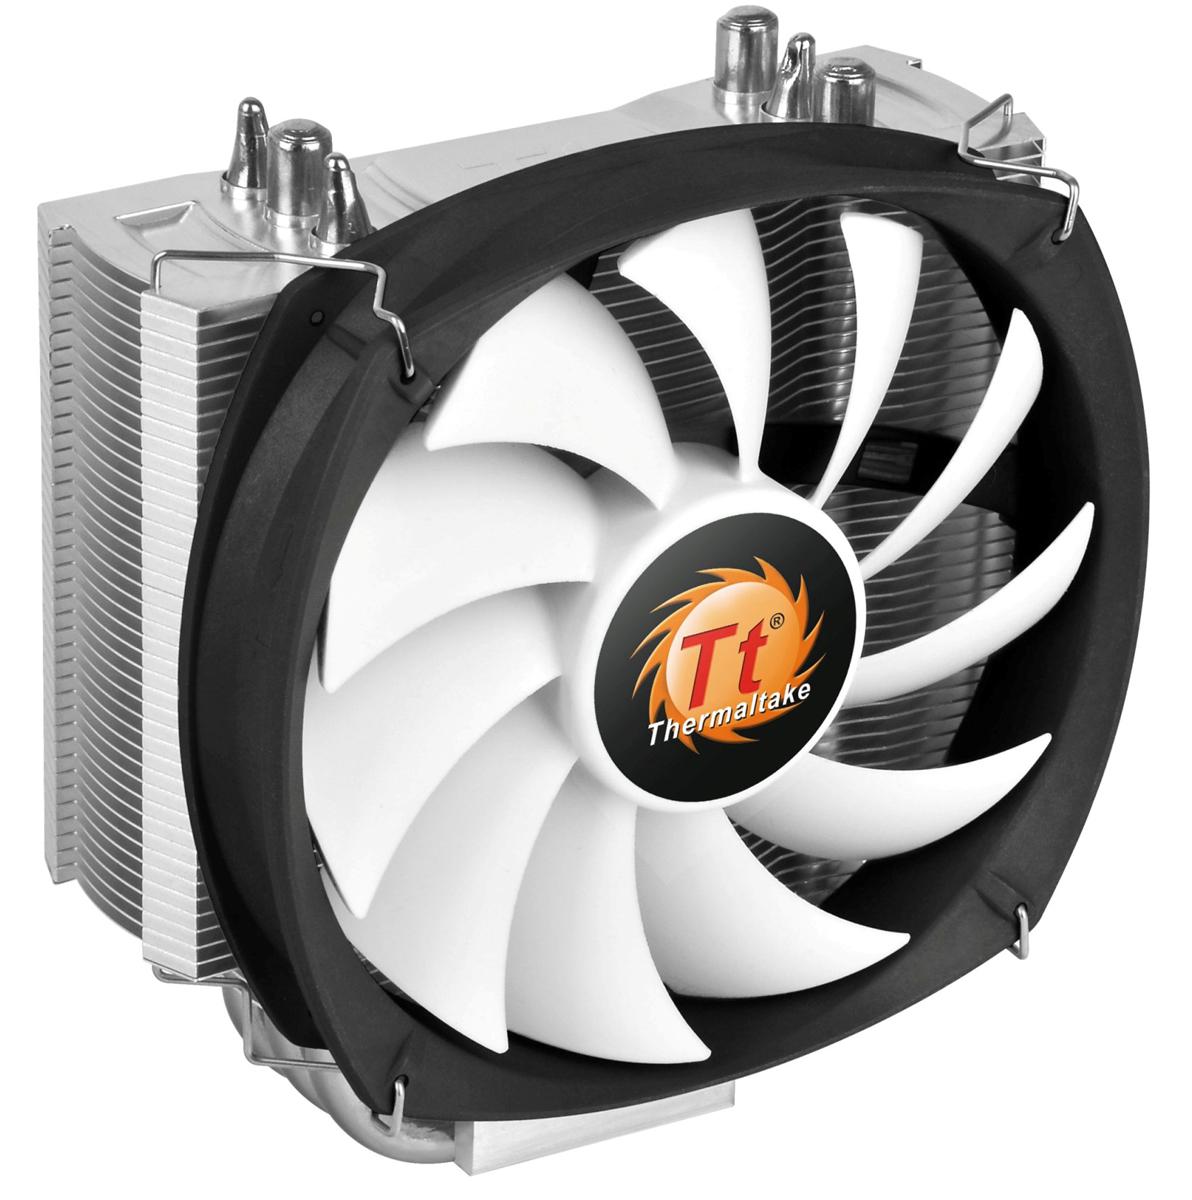 Thermaltake Frio Silent 12 система охлаждения для процессораCL-P001-AL12BL-BFrio Silent 12 -это новинка от Thermaltake из серии кулеров Frio Silent. Новинка унаследовала башенный дизайн с узкими пластинами радиатора. Это позволяет добиться большего пространства вокруг процессорного разъема для установки высокопроизводительных оверклокерских модулей оперативной памяти. Специально спроектированный 120 мм охлаждающий вентилятор имеет высокую эффективность и низкий уровень шума.Frio Slient 12 решает проблему установки модулей оперативной памяти с высокими радиаторами, помогая при этом еще и улучшить качество их охлаждения.Специальные охлаждающие пластины радиатора толщиной 0,4 мм не только стильно выглядят, но и позволяют быстро отводить тепло.3 медные тепловые трубки диаметром по 8 мм соприкасаются с поверхностью крышки процессора по технологии прямого контакта, что позволяет ускорить процесс охлаждения.Уникальный 120 мм ШИМ вентилятор в низким уровнем шума и высокой эффективностью охлаждения. Скорость вращения крыльчатки достигает 1400 об/мин, а минимальный уровень шума в среднем меньше на 38%, с 19,2 дБ до 12 дБ.Полная совместимость со всеми существующими платформами от Intel(включая Haswell LGA1150) и AMD.